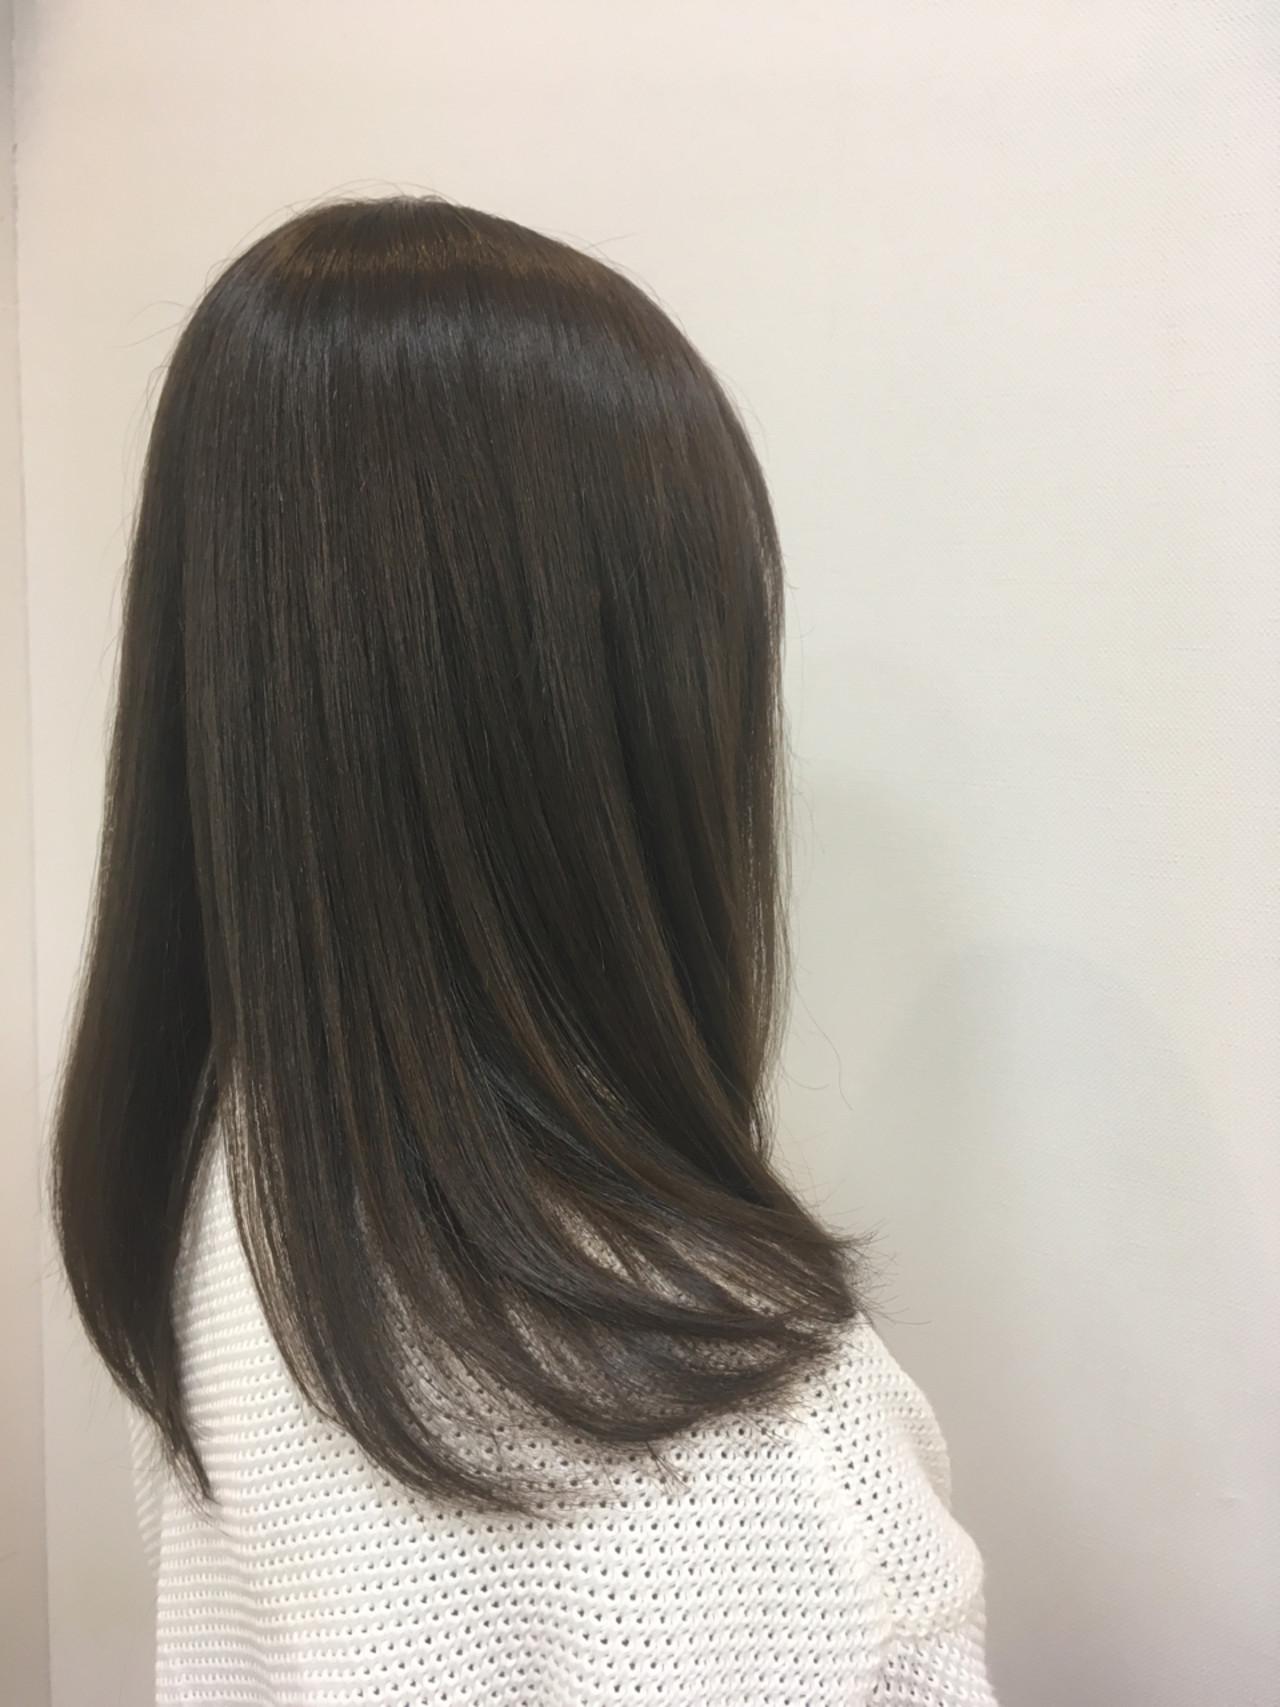 上品 アッシュグレージュ アッシュ ロング ヘアスタイルや髪型の写真・画像 | 大谷 伶美 / brace / soin de brace